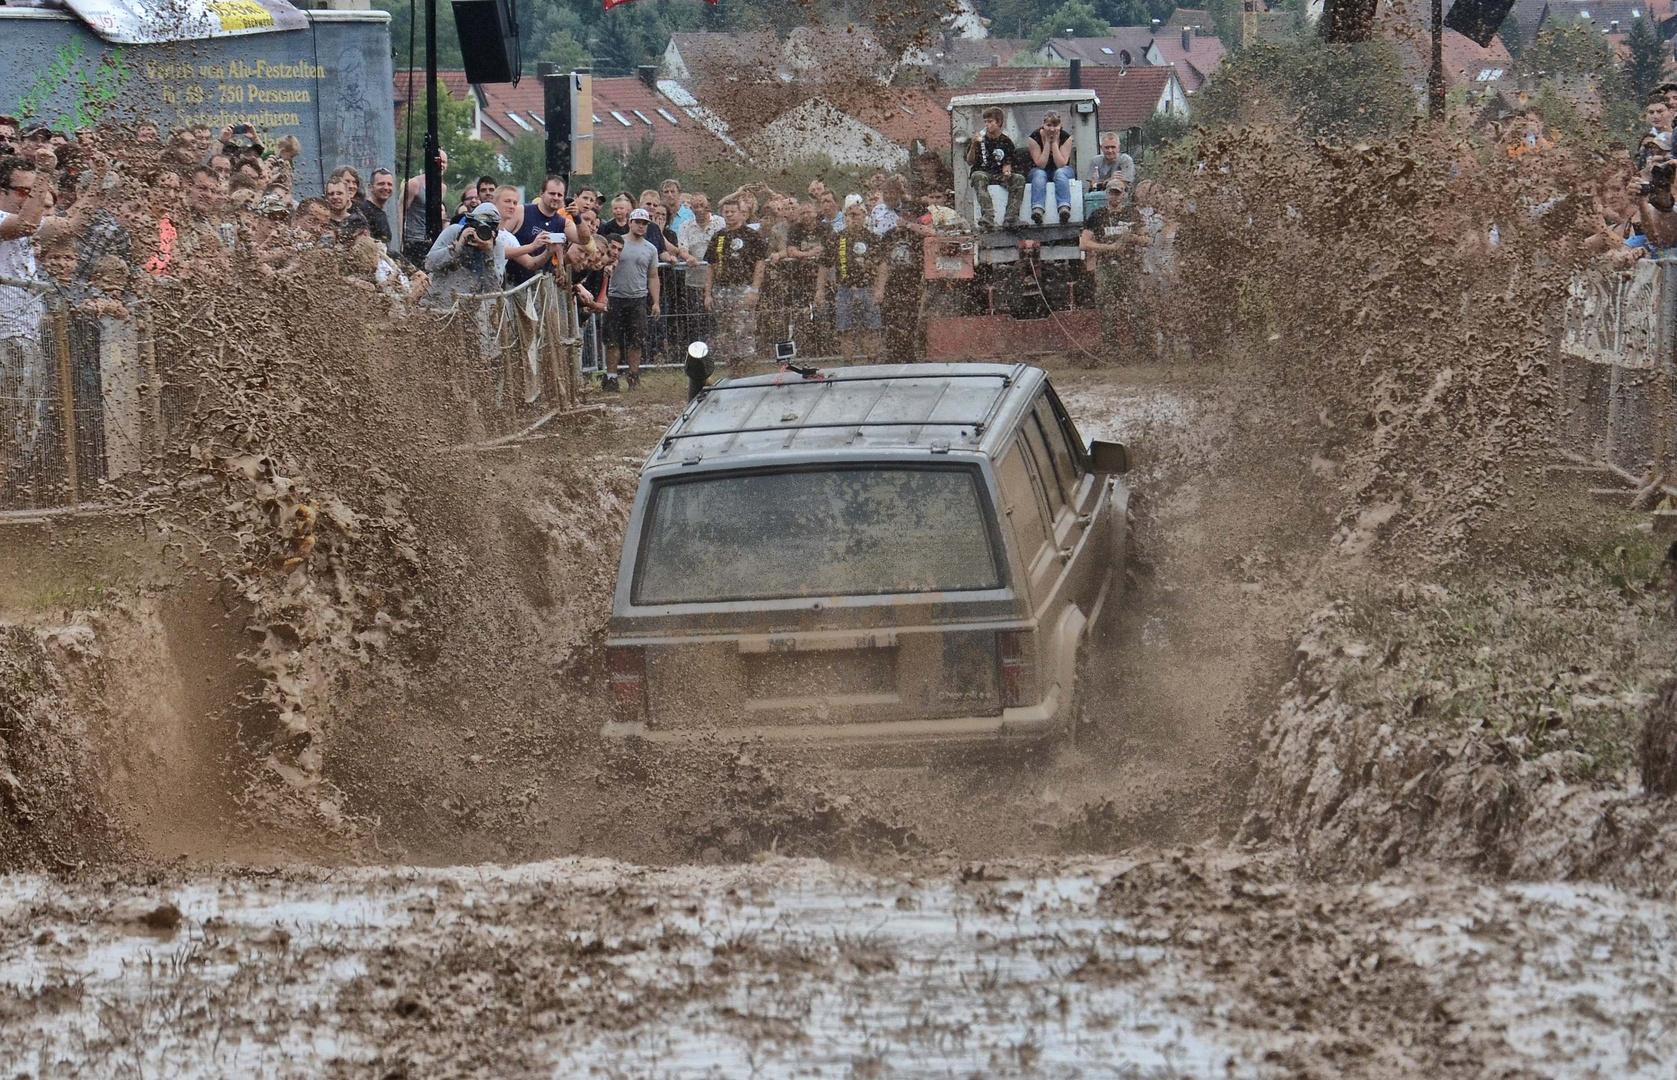 Mud Race Urbach 2013 Bild 5